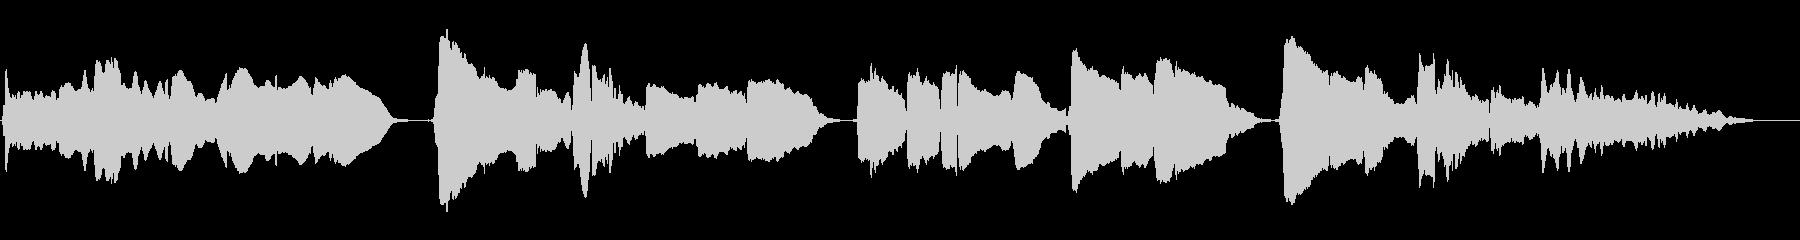 サックスの重奏です。美しくも儚い曲の未再生の波形